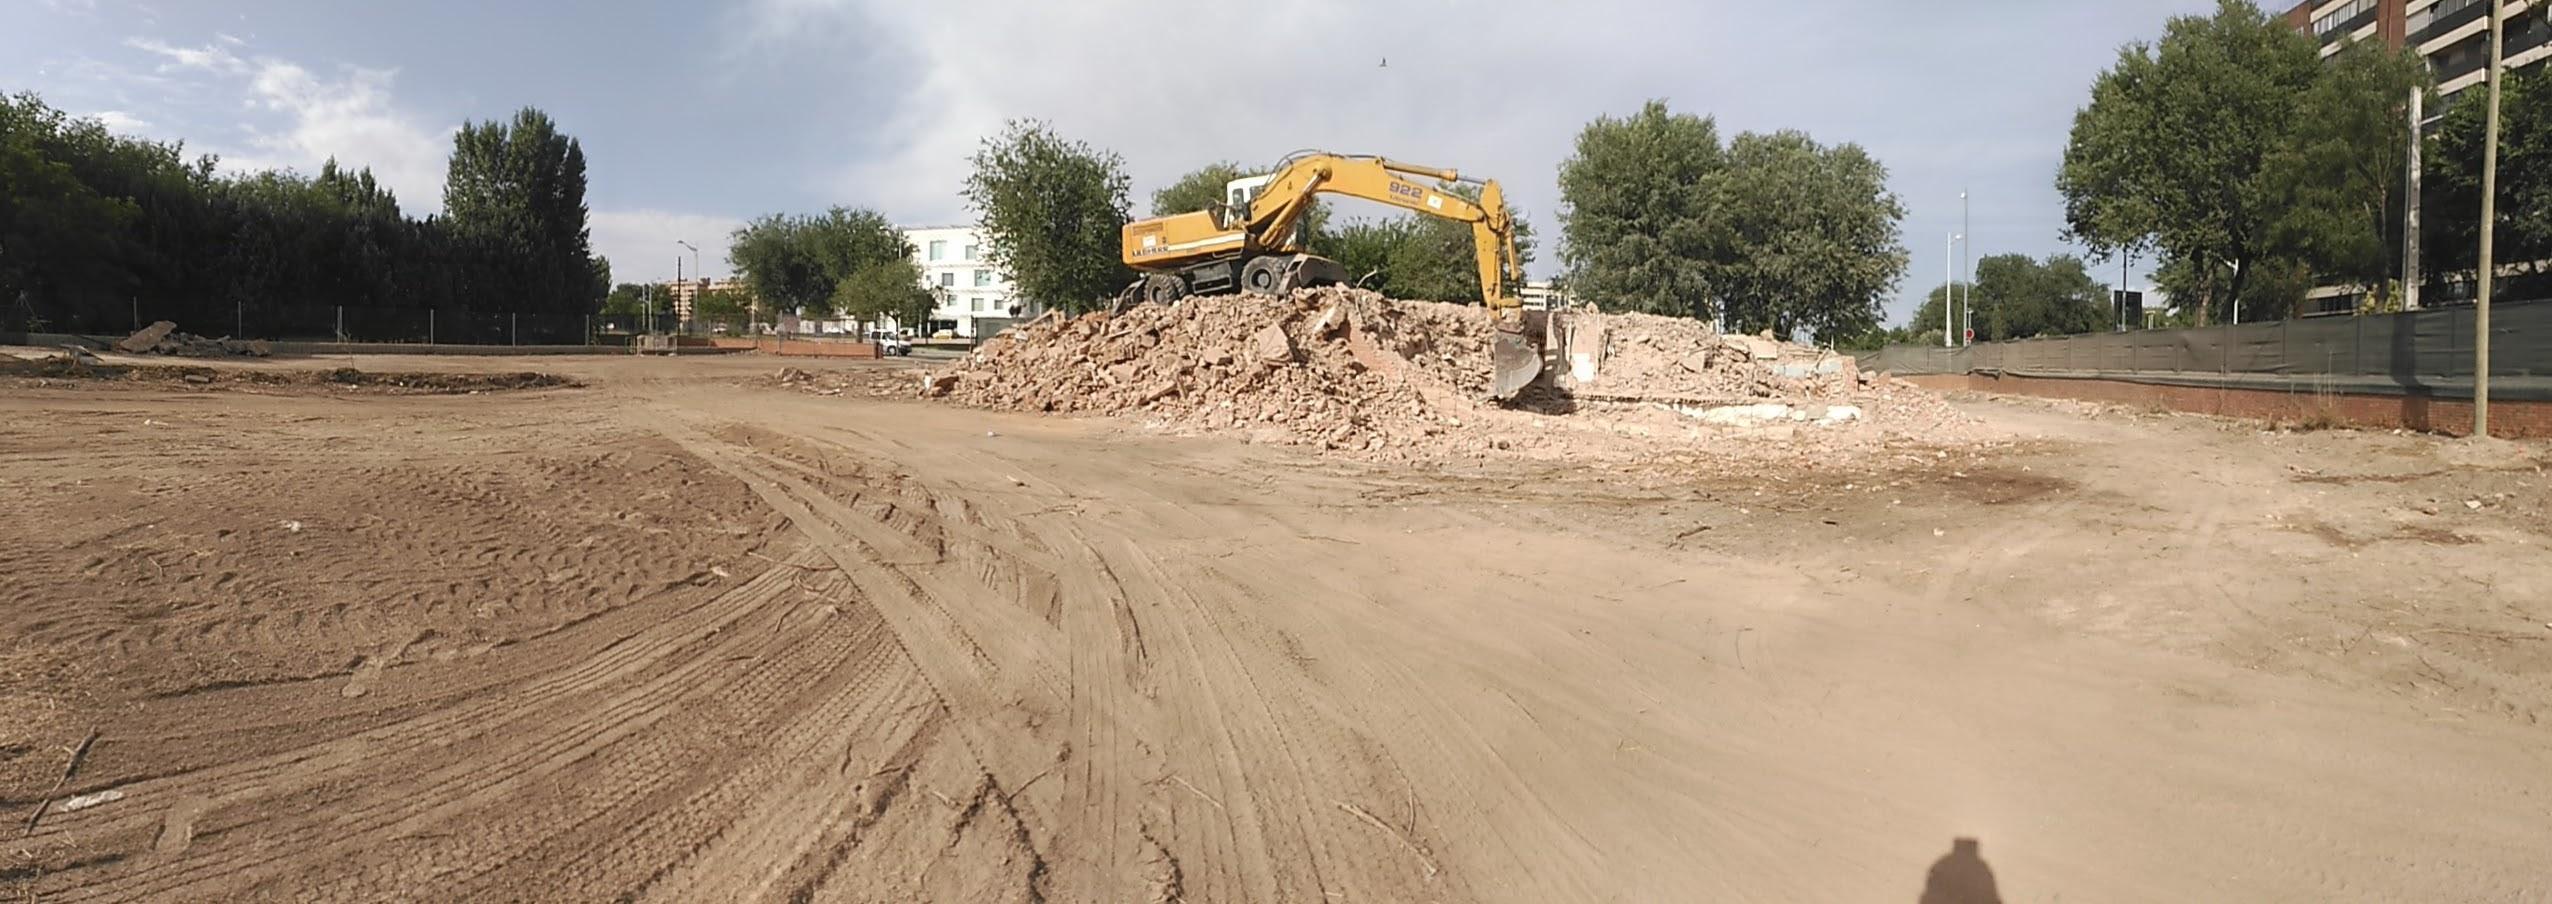 Excav-y-Demol-1